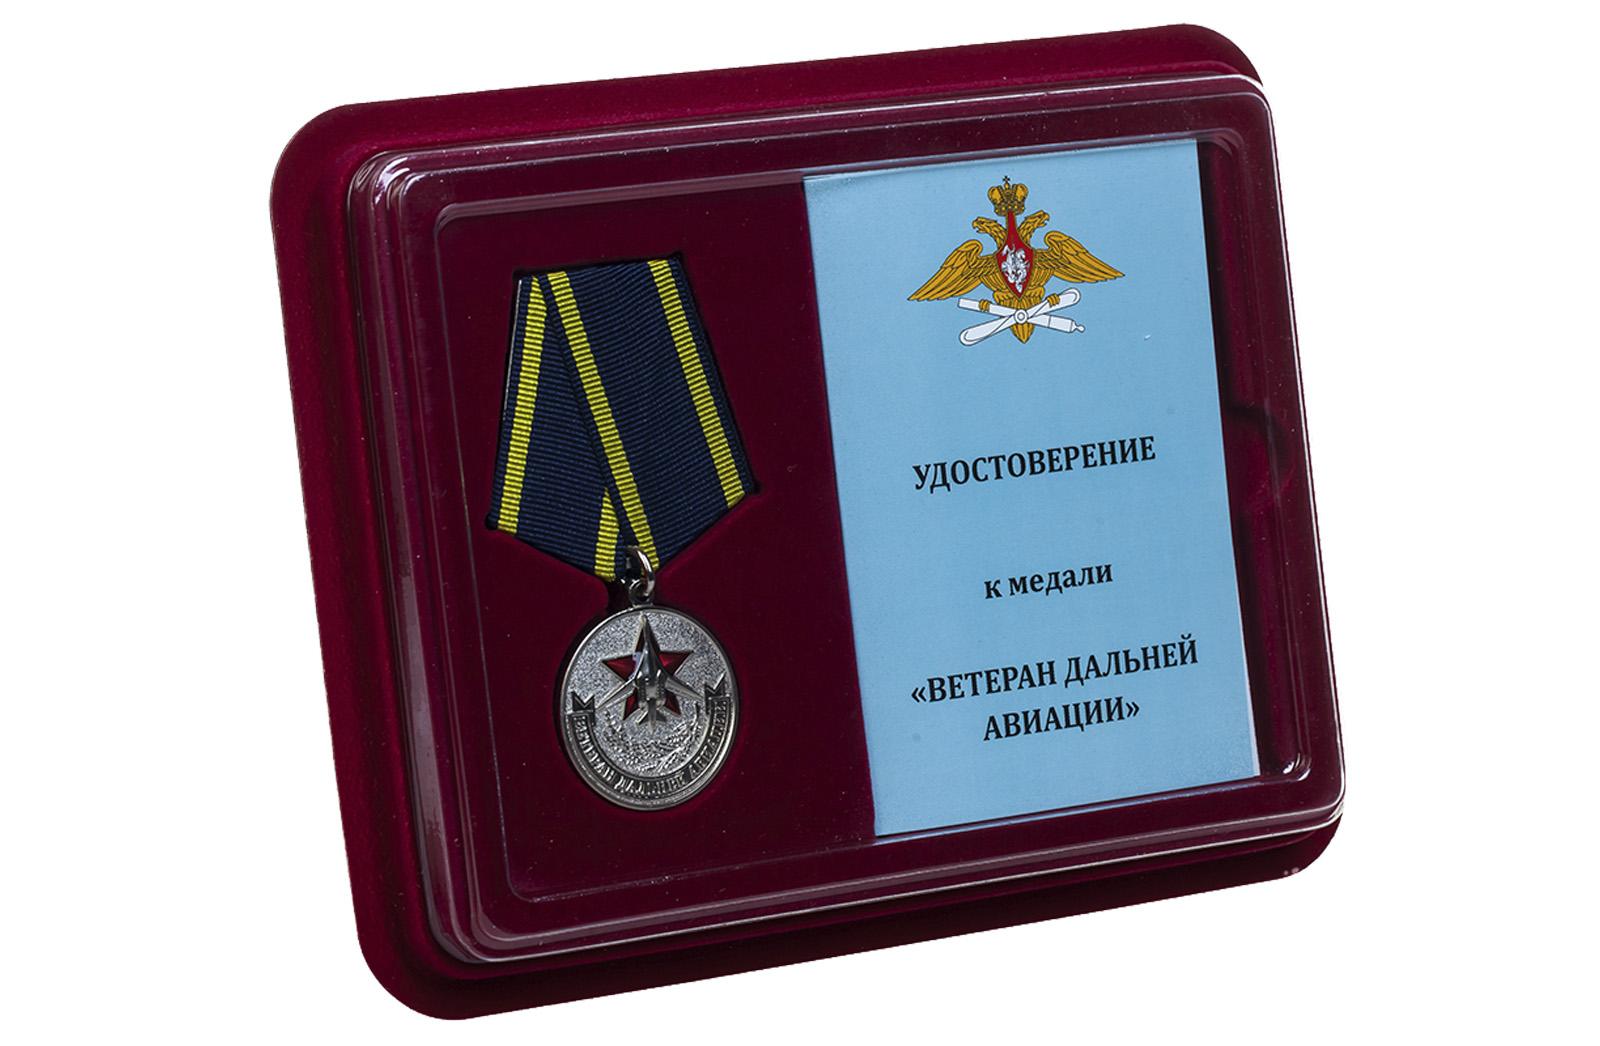 """Медаль """"Дальняя авиация"""" для ветеранов в бархатистом наградном футляре"""